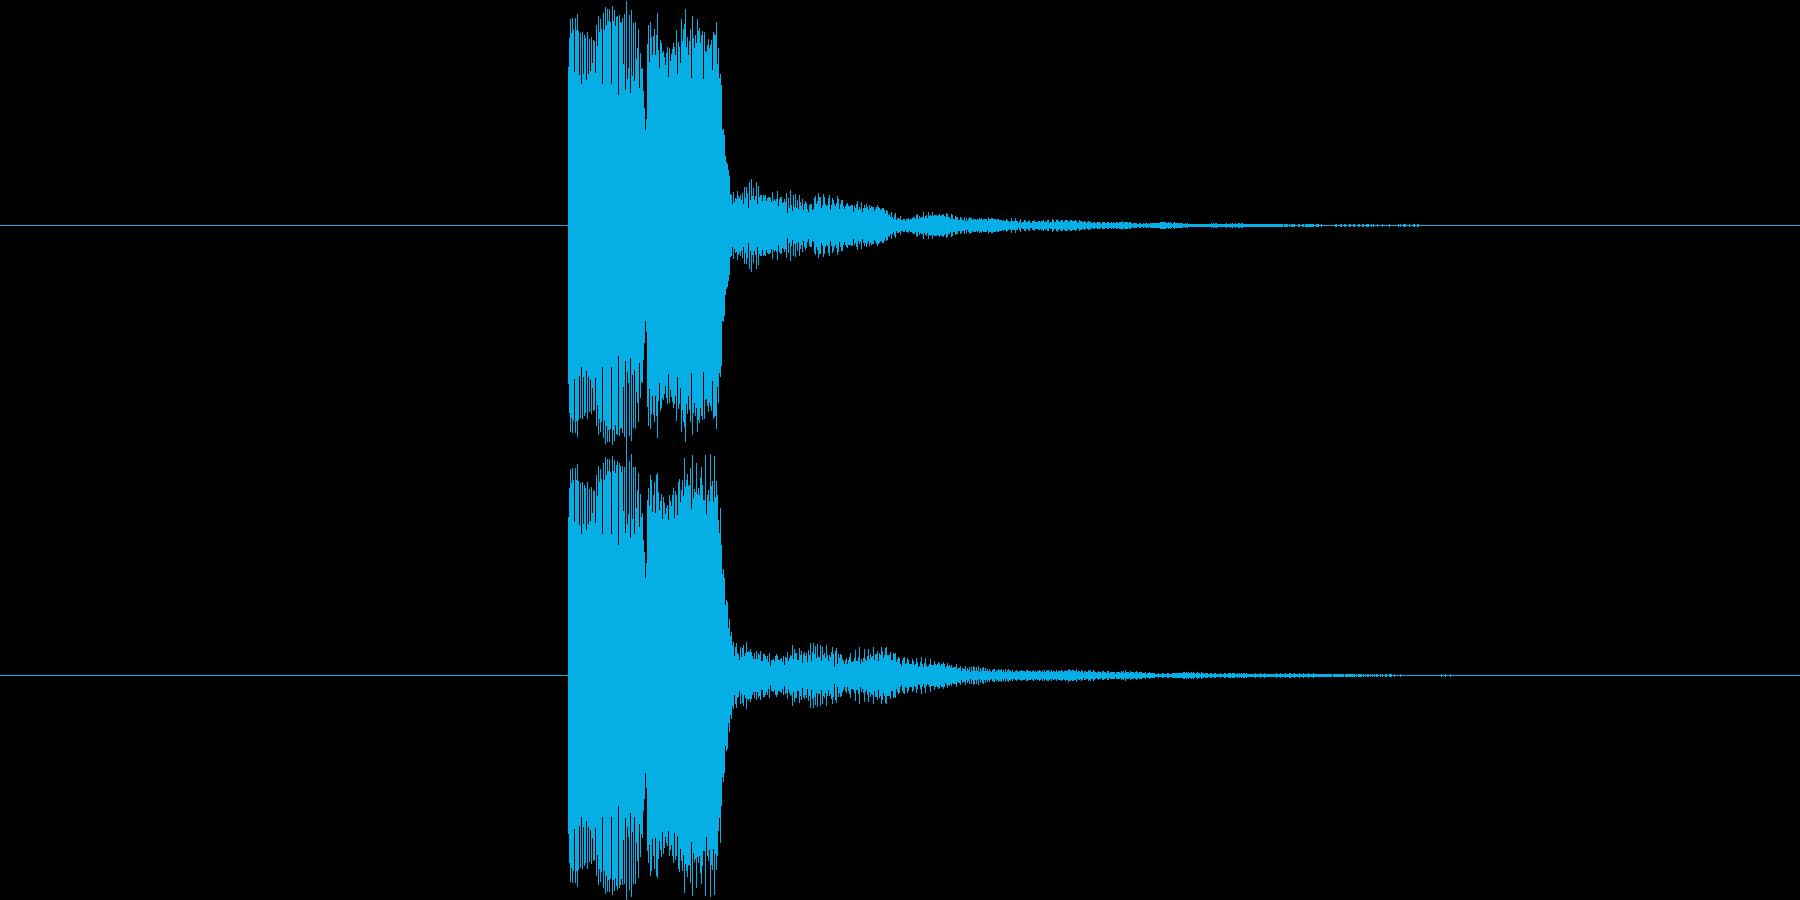 ゲーム等の操作決定音に使える音03の再生済みの波形